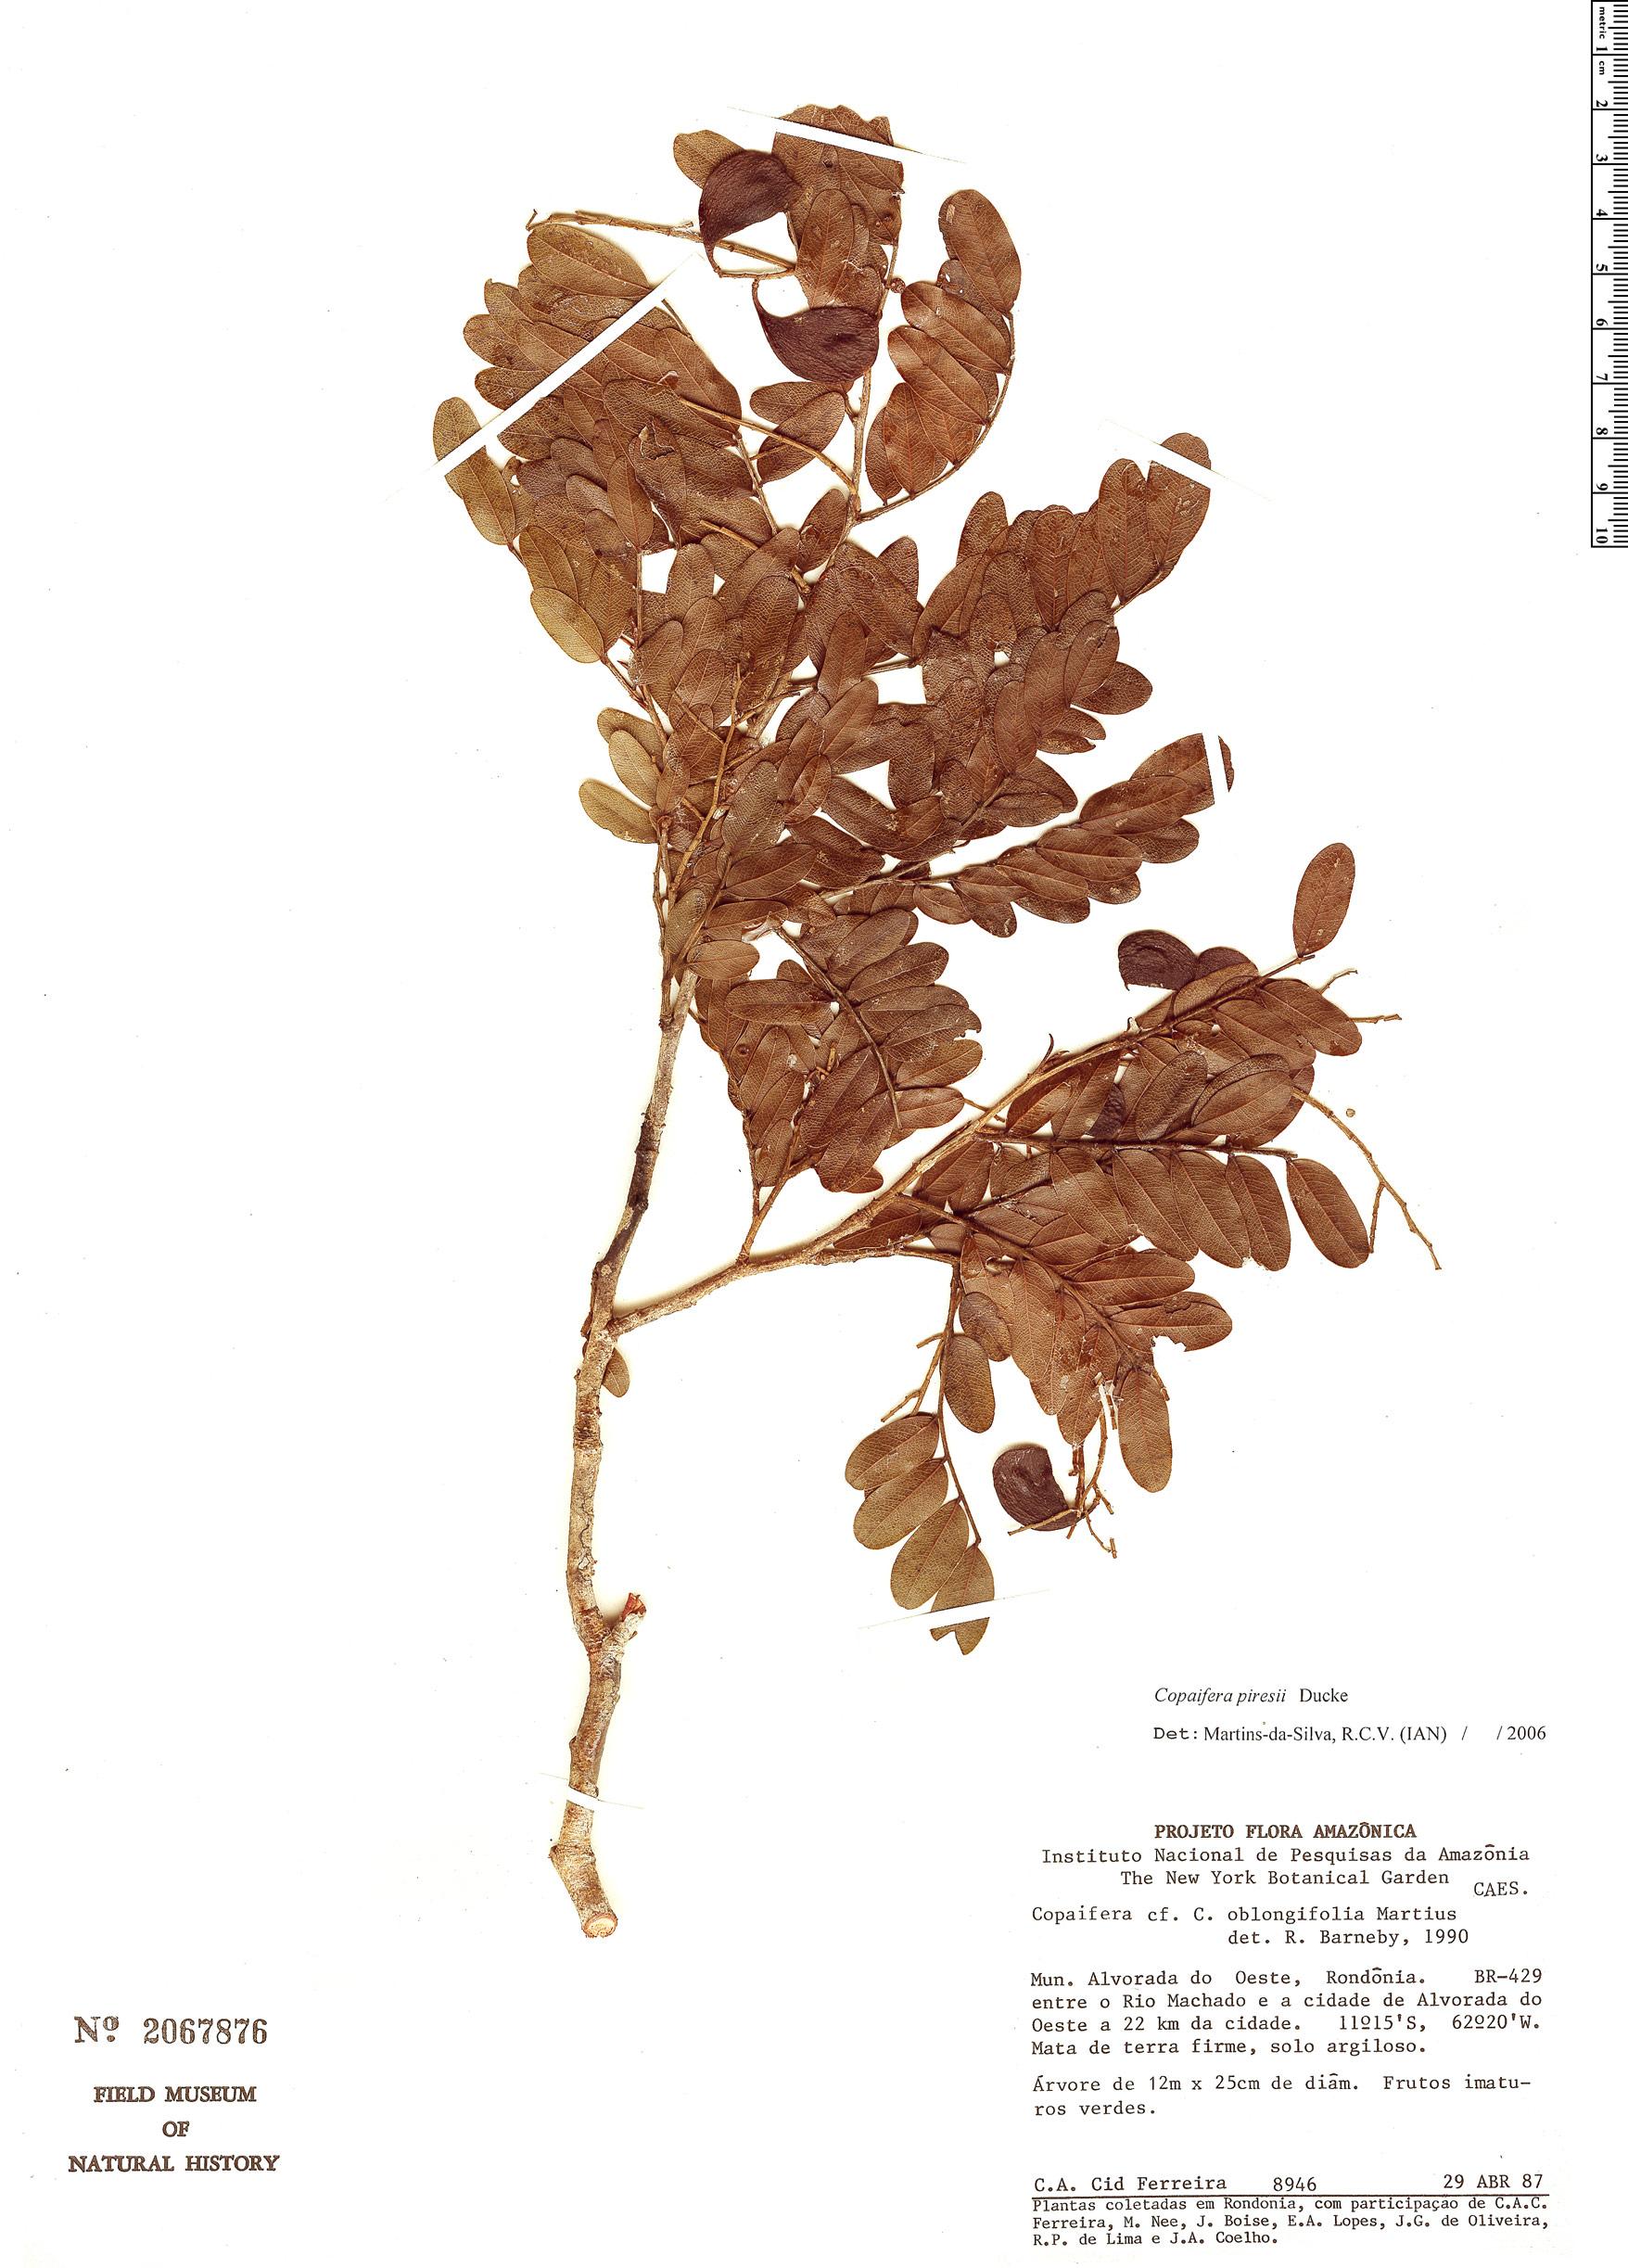 Specimen: Copaifera piresii